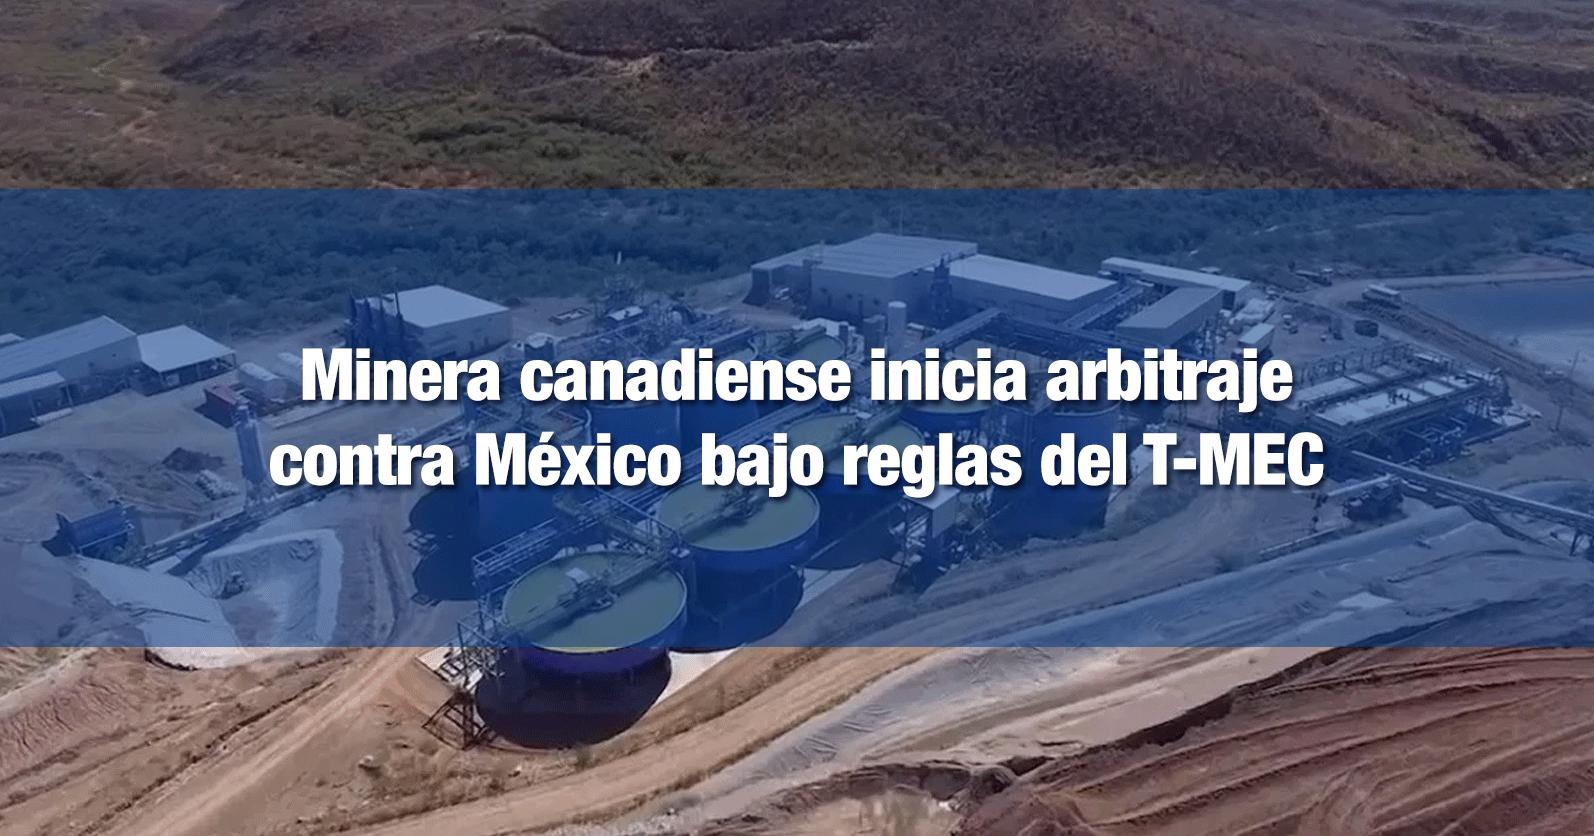 Minera canadiense inicia arbitraje contra México bajo reglas del T-MEC